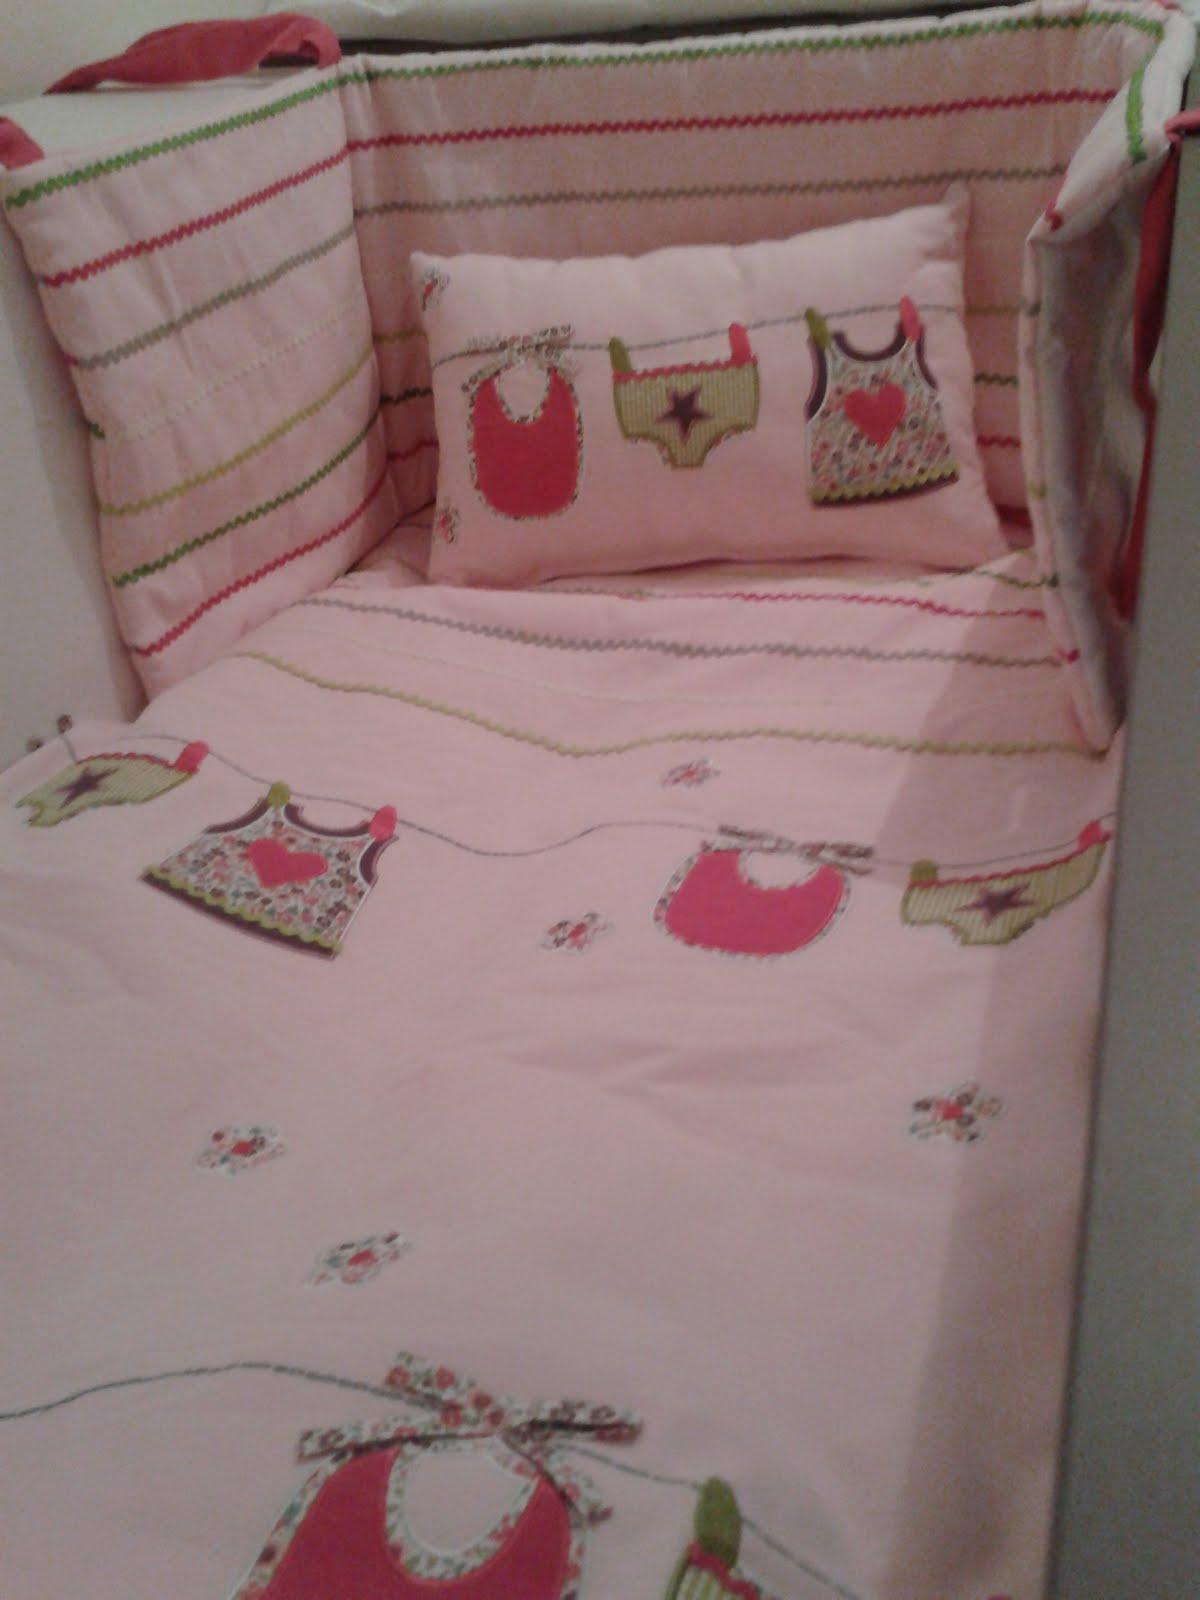 des murs enchant s peinture murale desmursenchantes. Black Bedroom Furniture Sets. Home Design Ideas